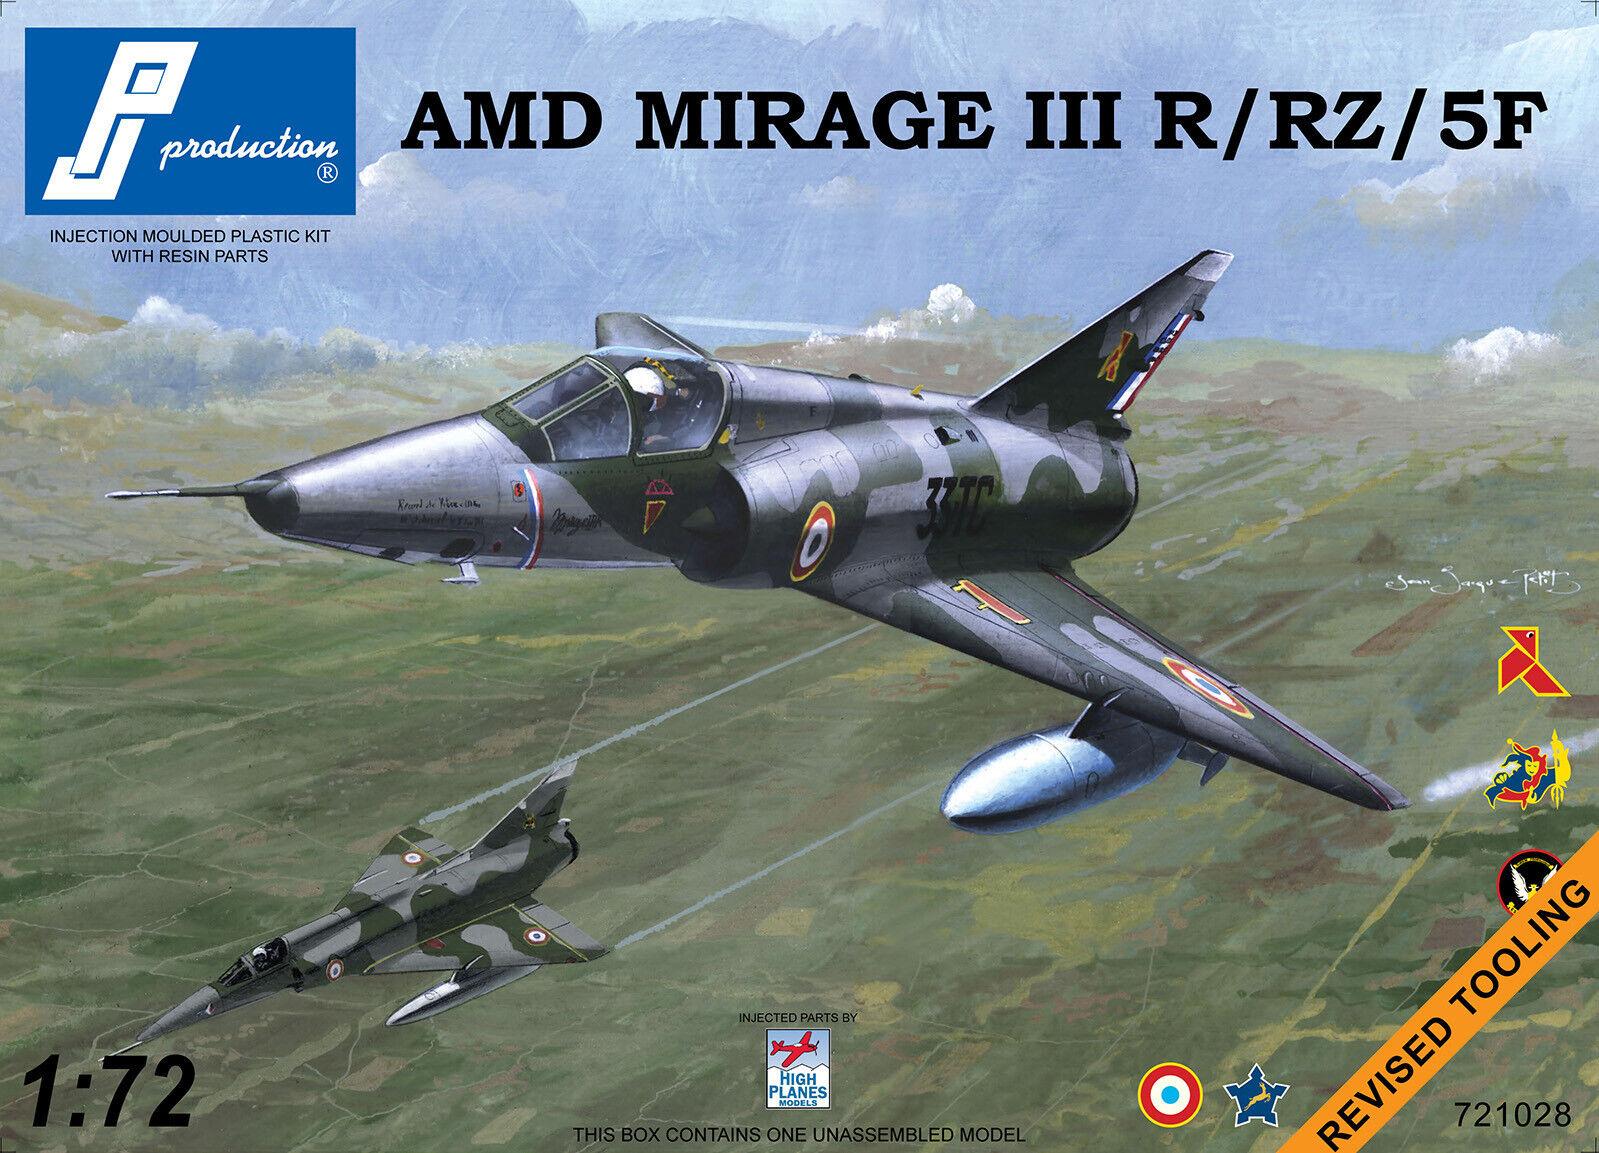 contatore genuino Pj Productions 1 72 Dassault Mirage Iiir     5f  721028  per il commercio all'ingrosso